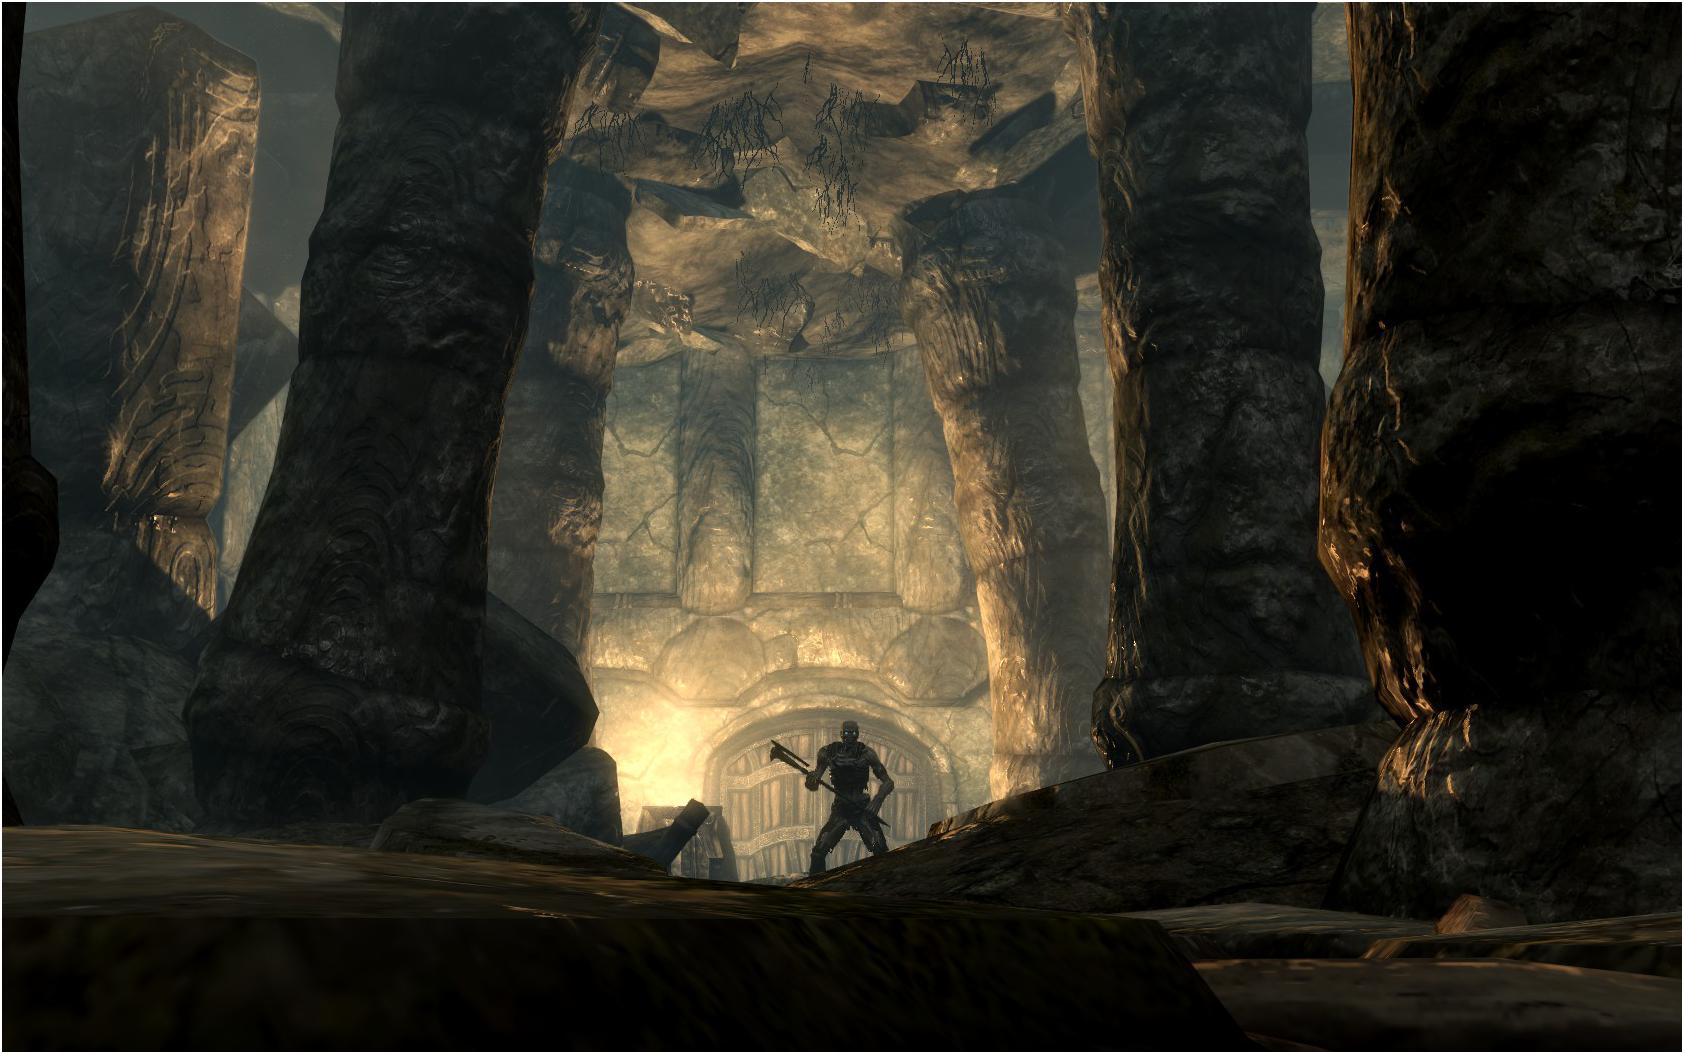 Elder Scrolls V Skyrim_0007_JTC.png